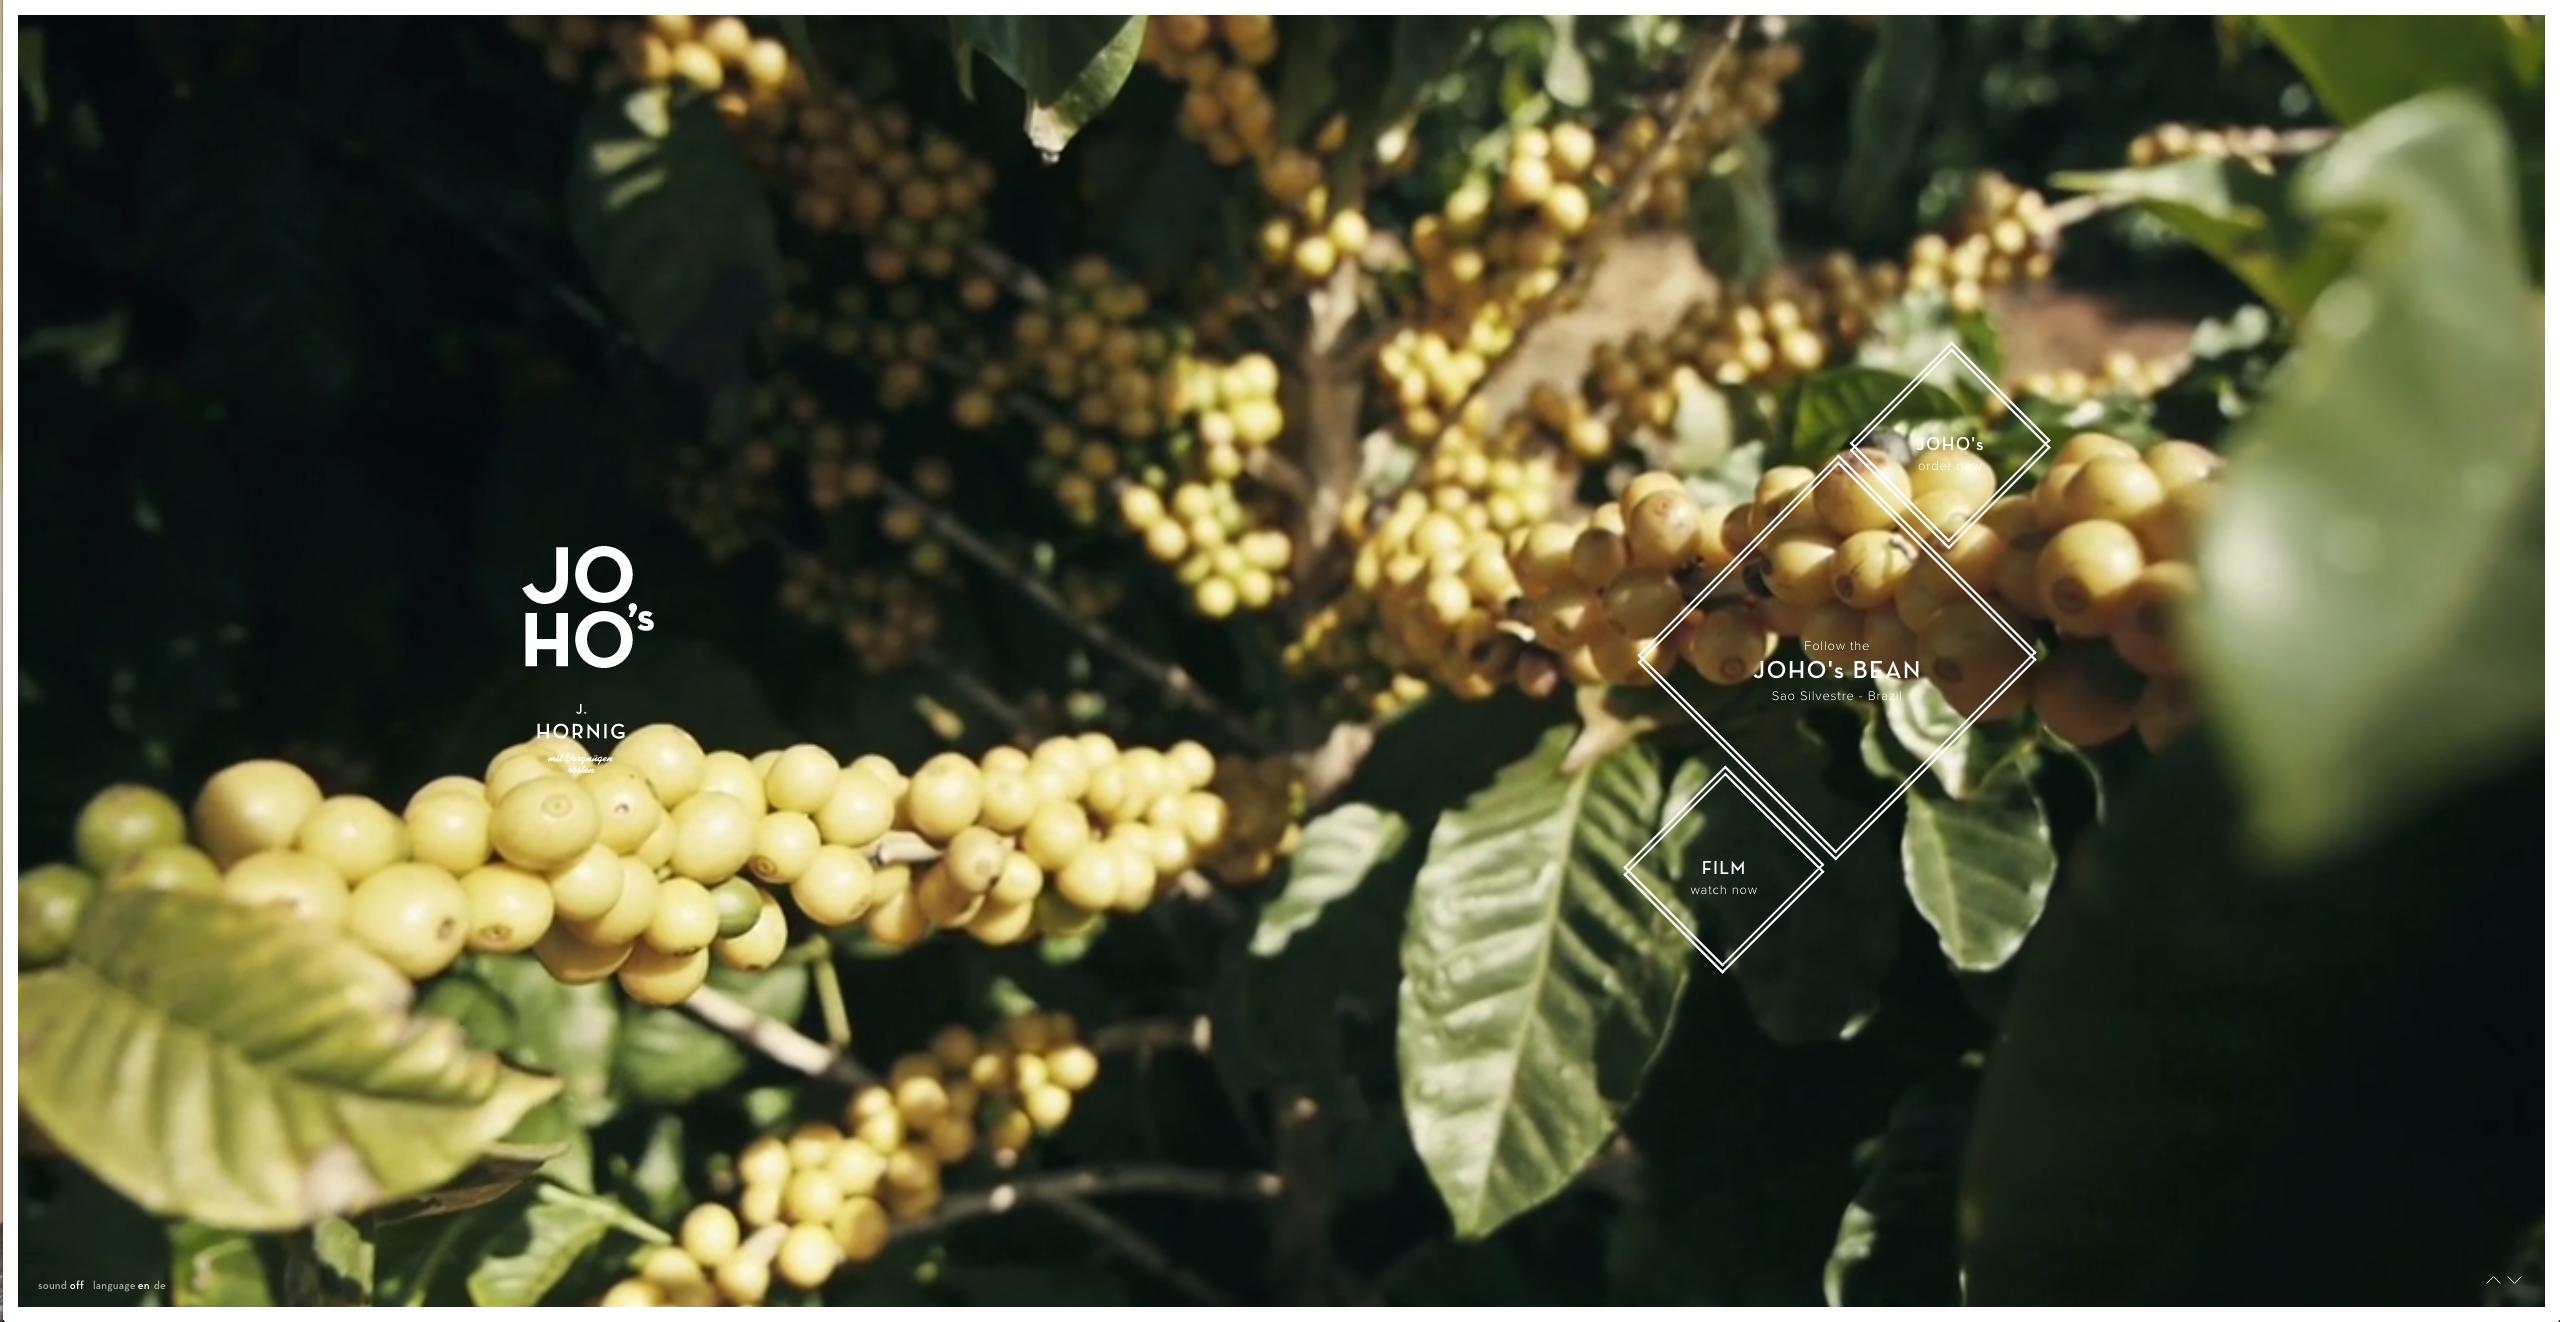 Homepage of JOHO's Bean, an award-winning website